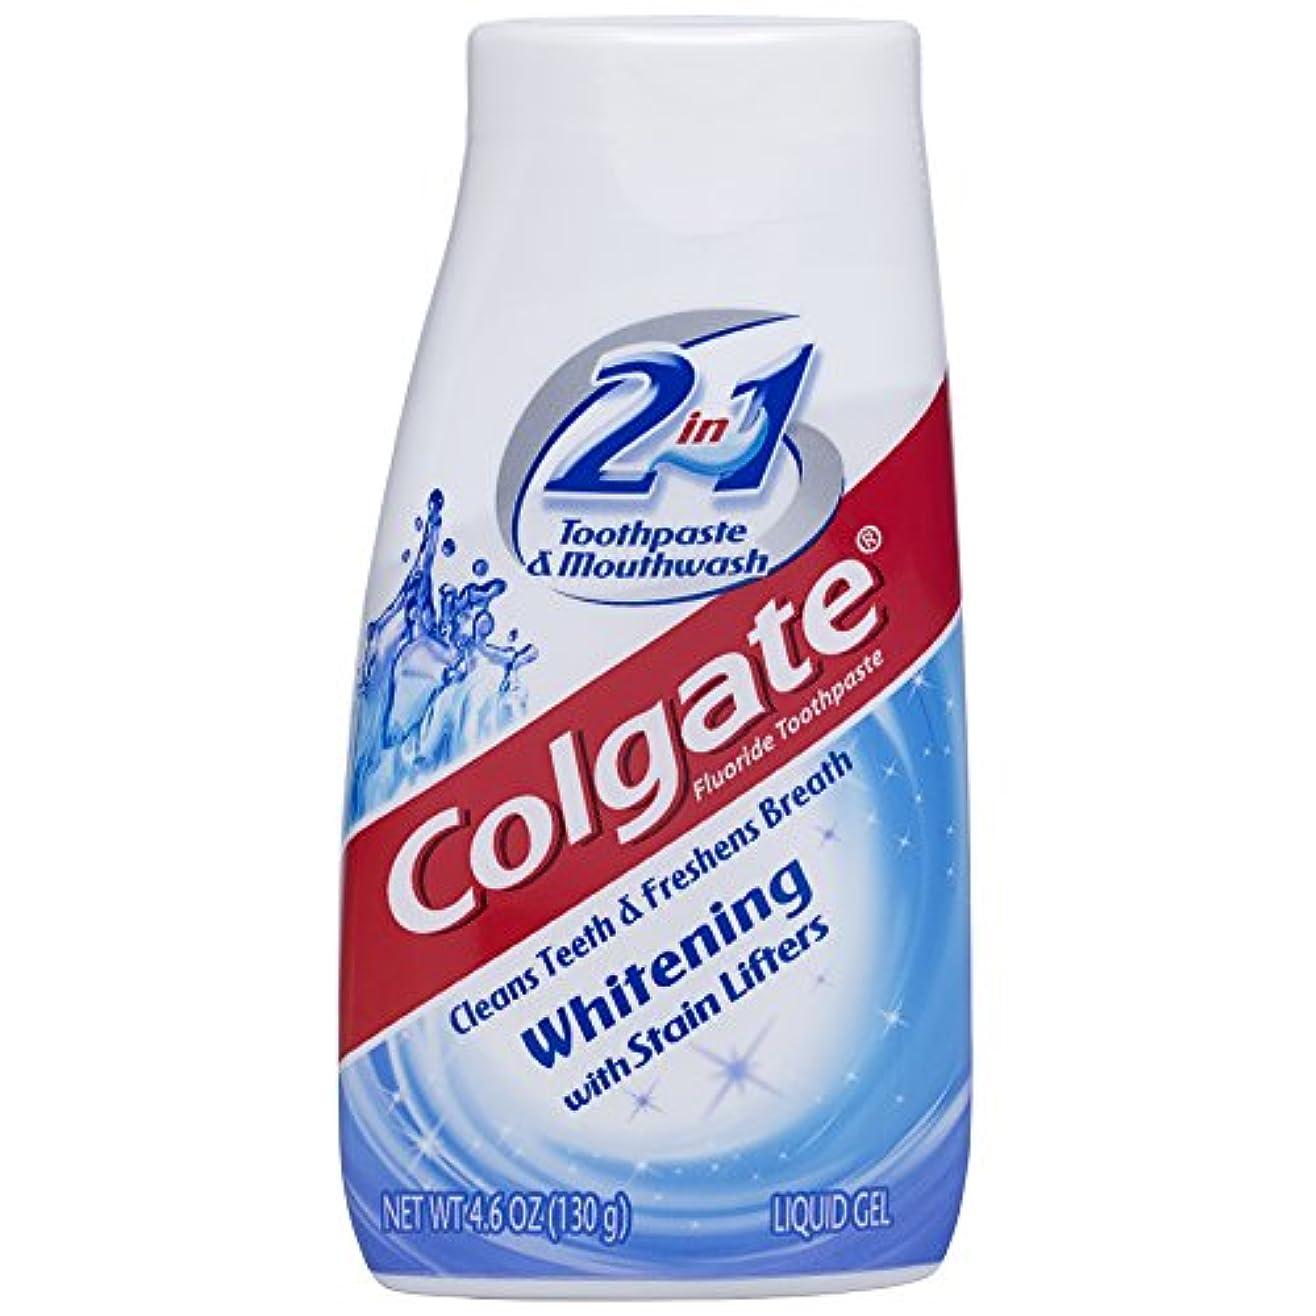 汚れた結核無許可海外直送品Colgate 2 In 1 Toothpaste & Mouthwash Whitening, 4.6 oz by Colgate